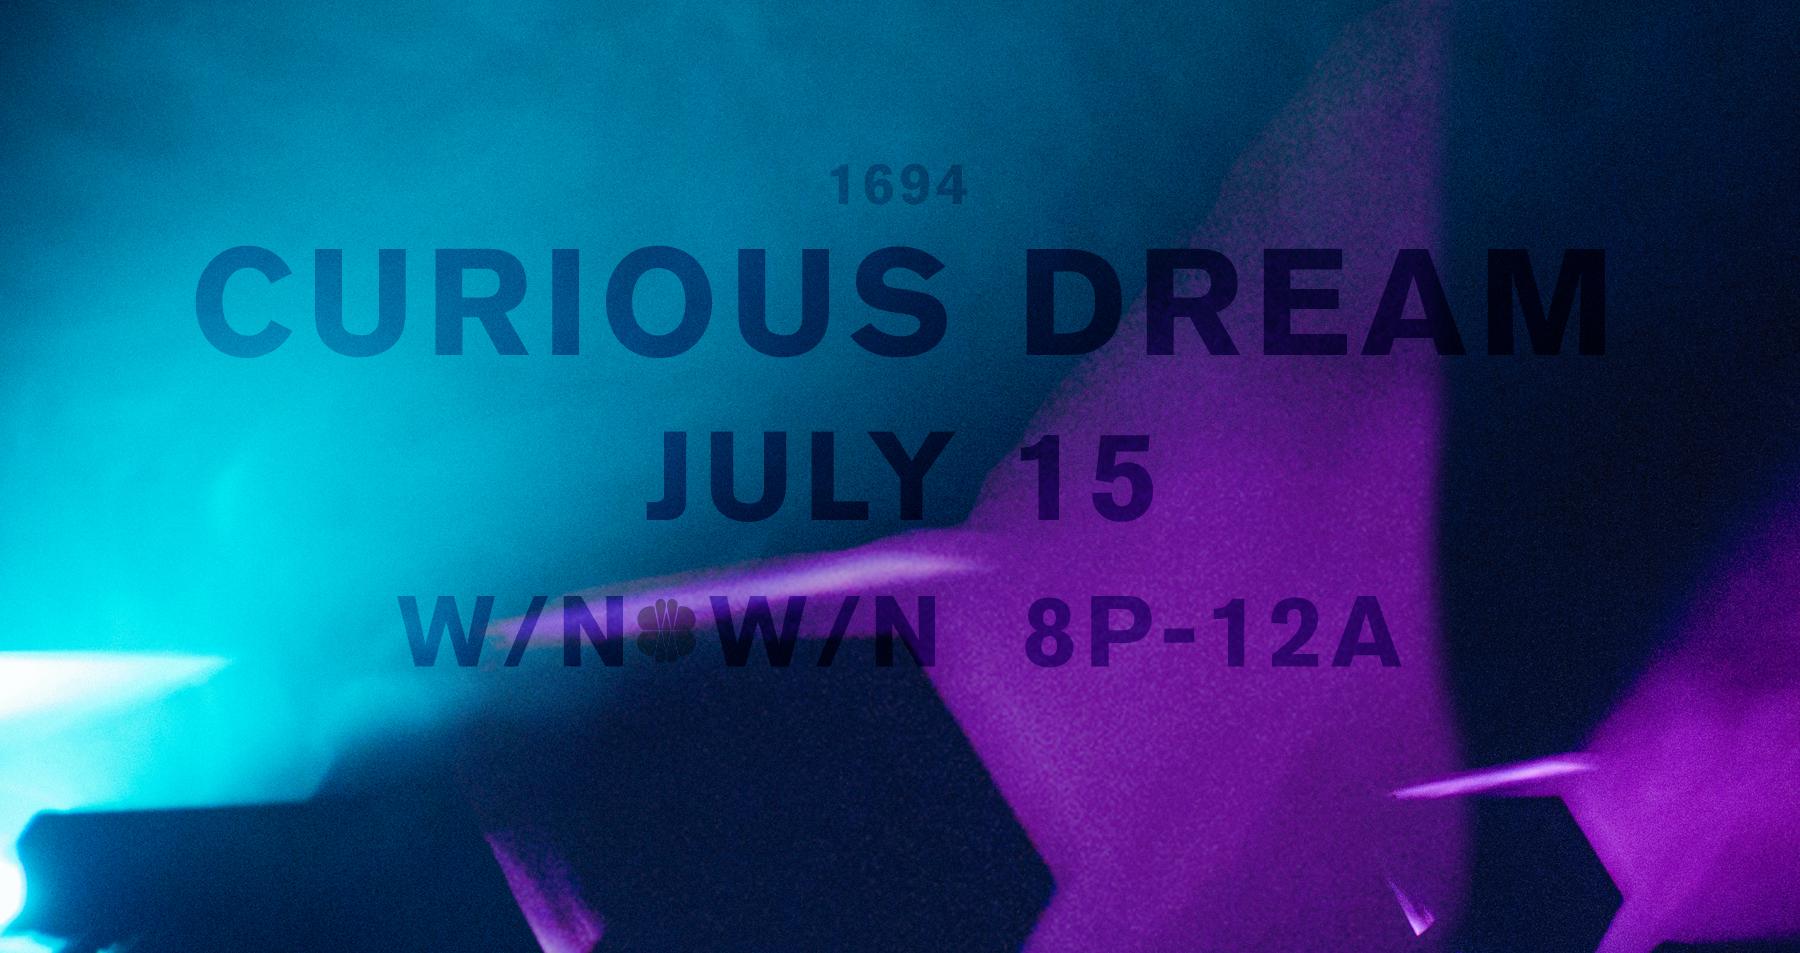 CuriousDream_July2018_Banner.jpg